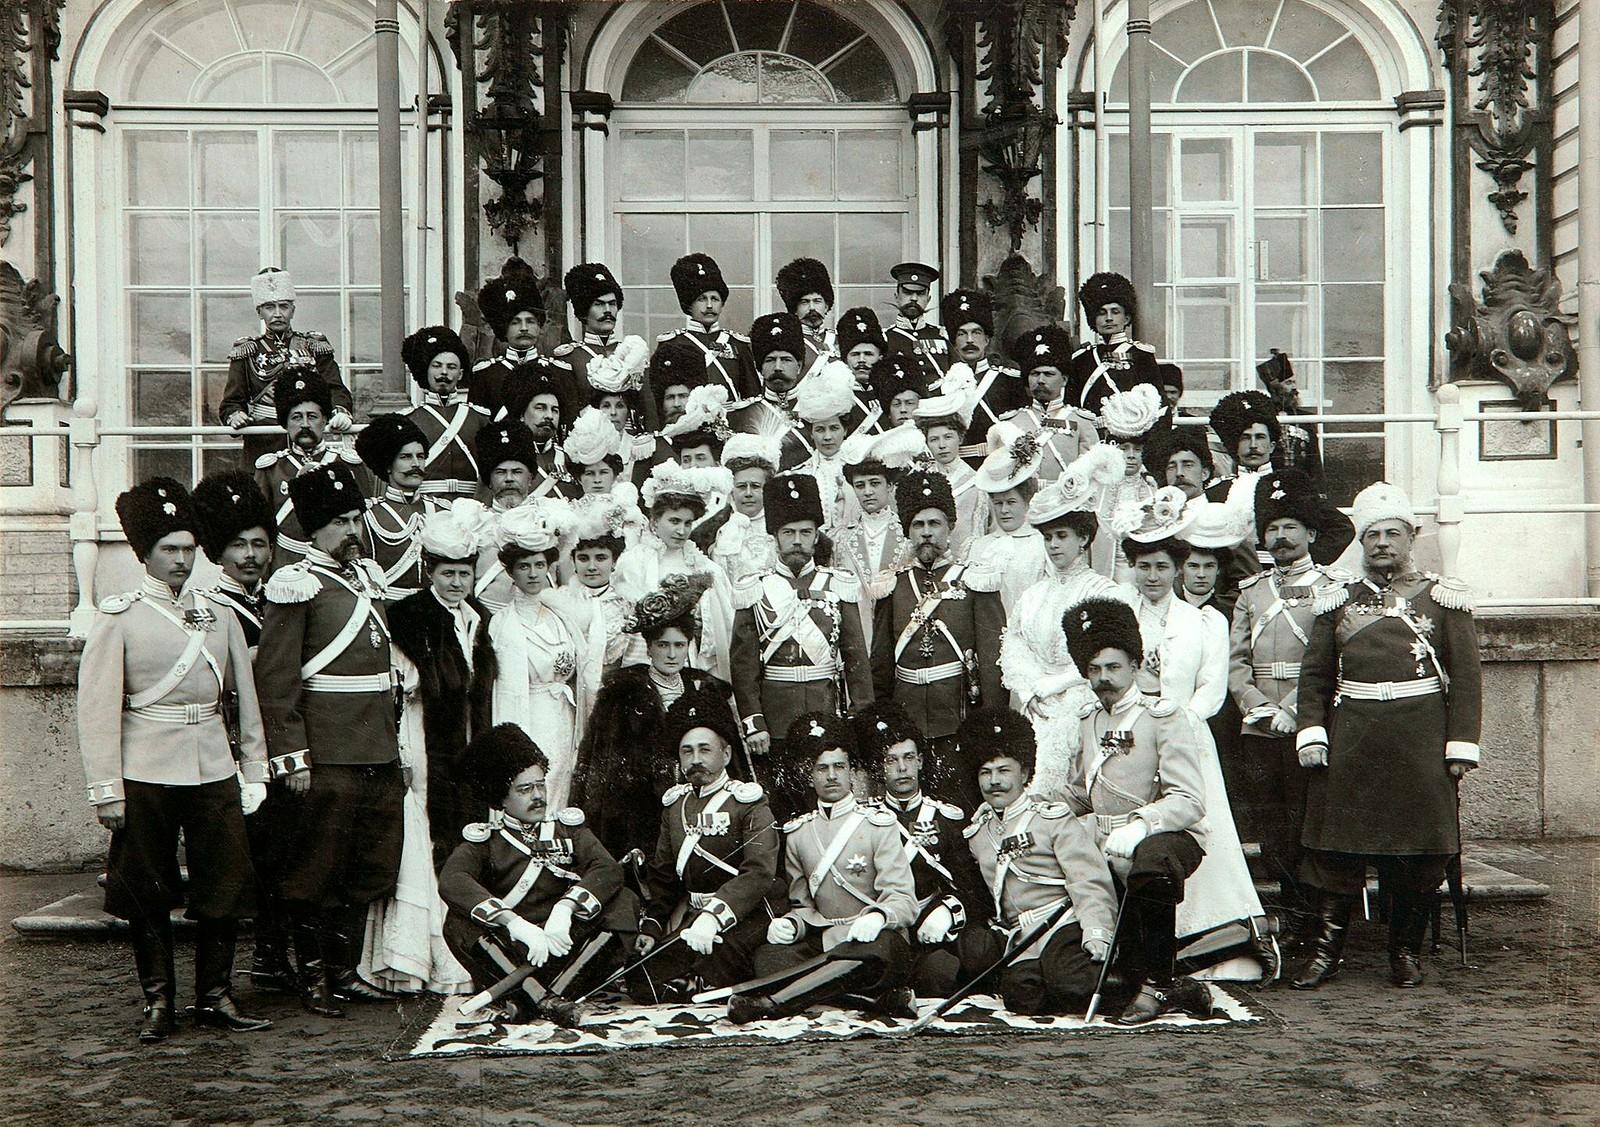 1907. Император с императрицей в окружении офицеров и полковых дам на празднике Лейб-гвардии Сводноказачьего полка